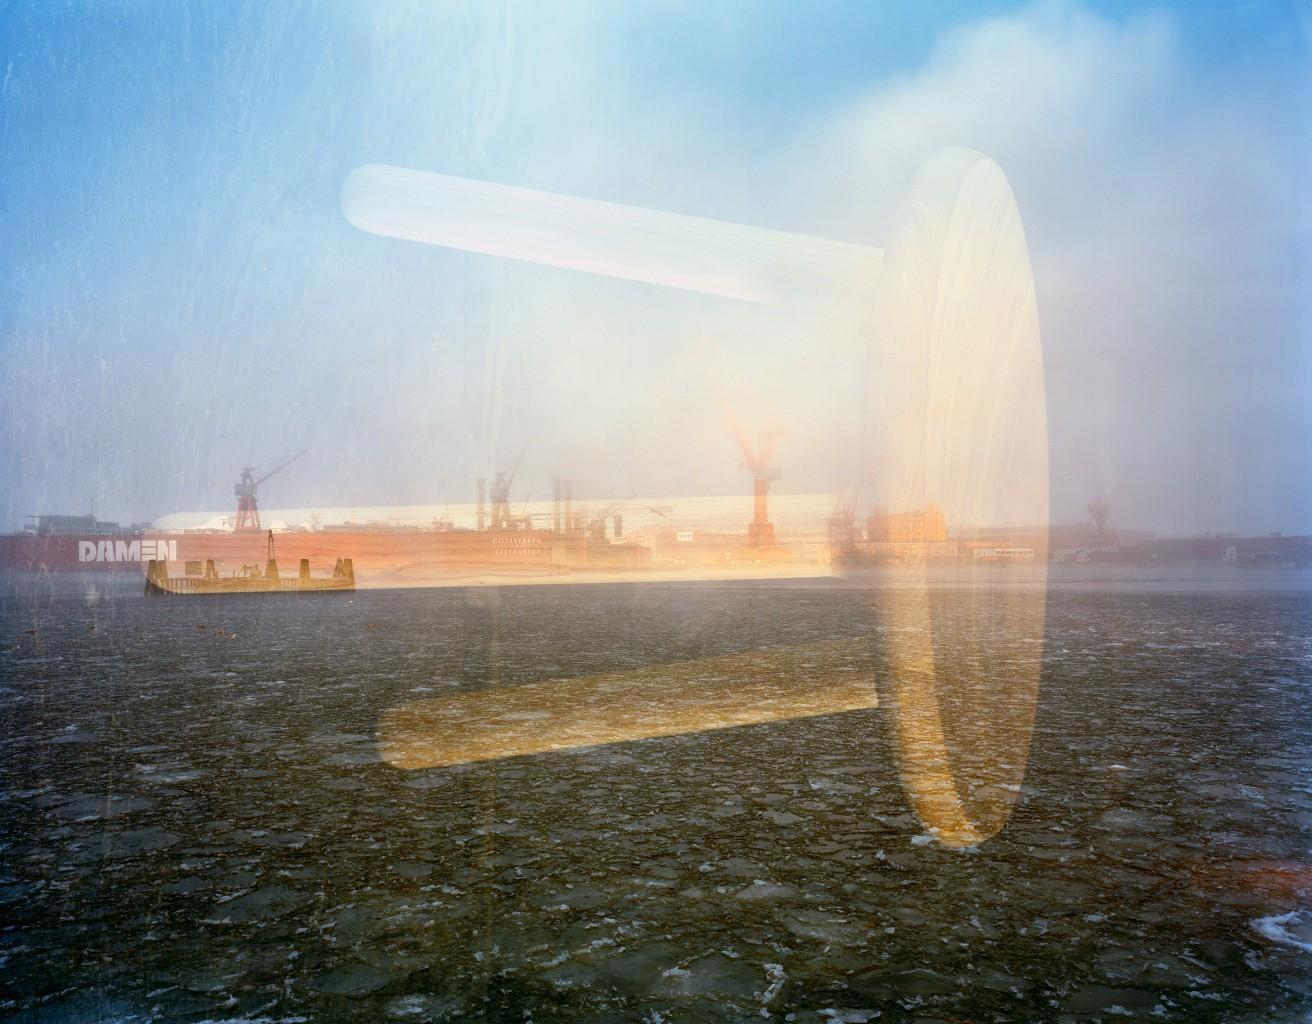 Photo Kalle Sanner